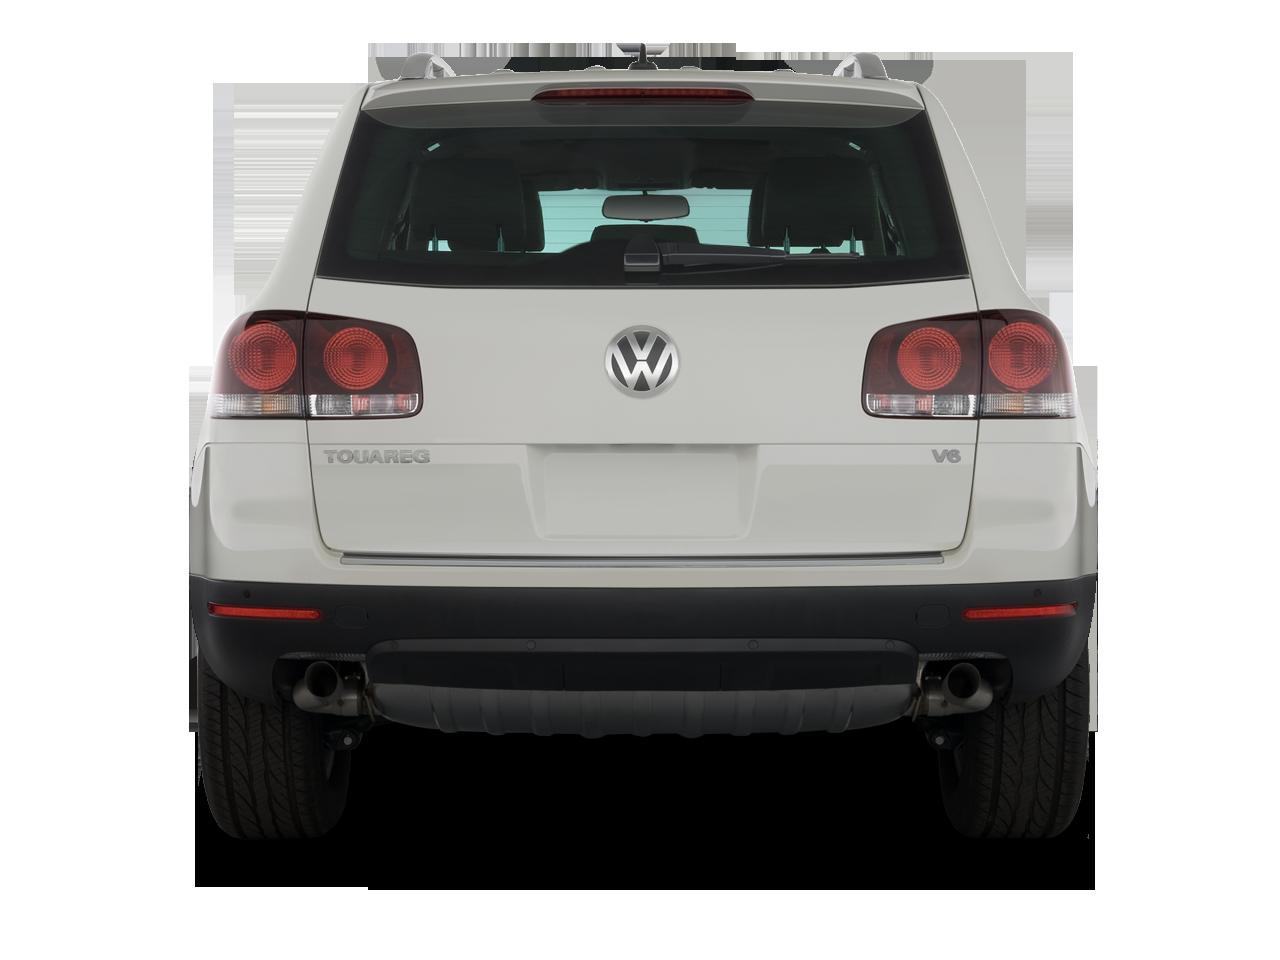 Porsche Volkswagen Iron Out Merger Details